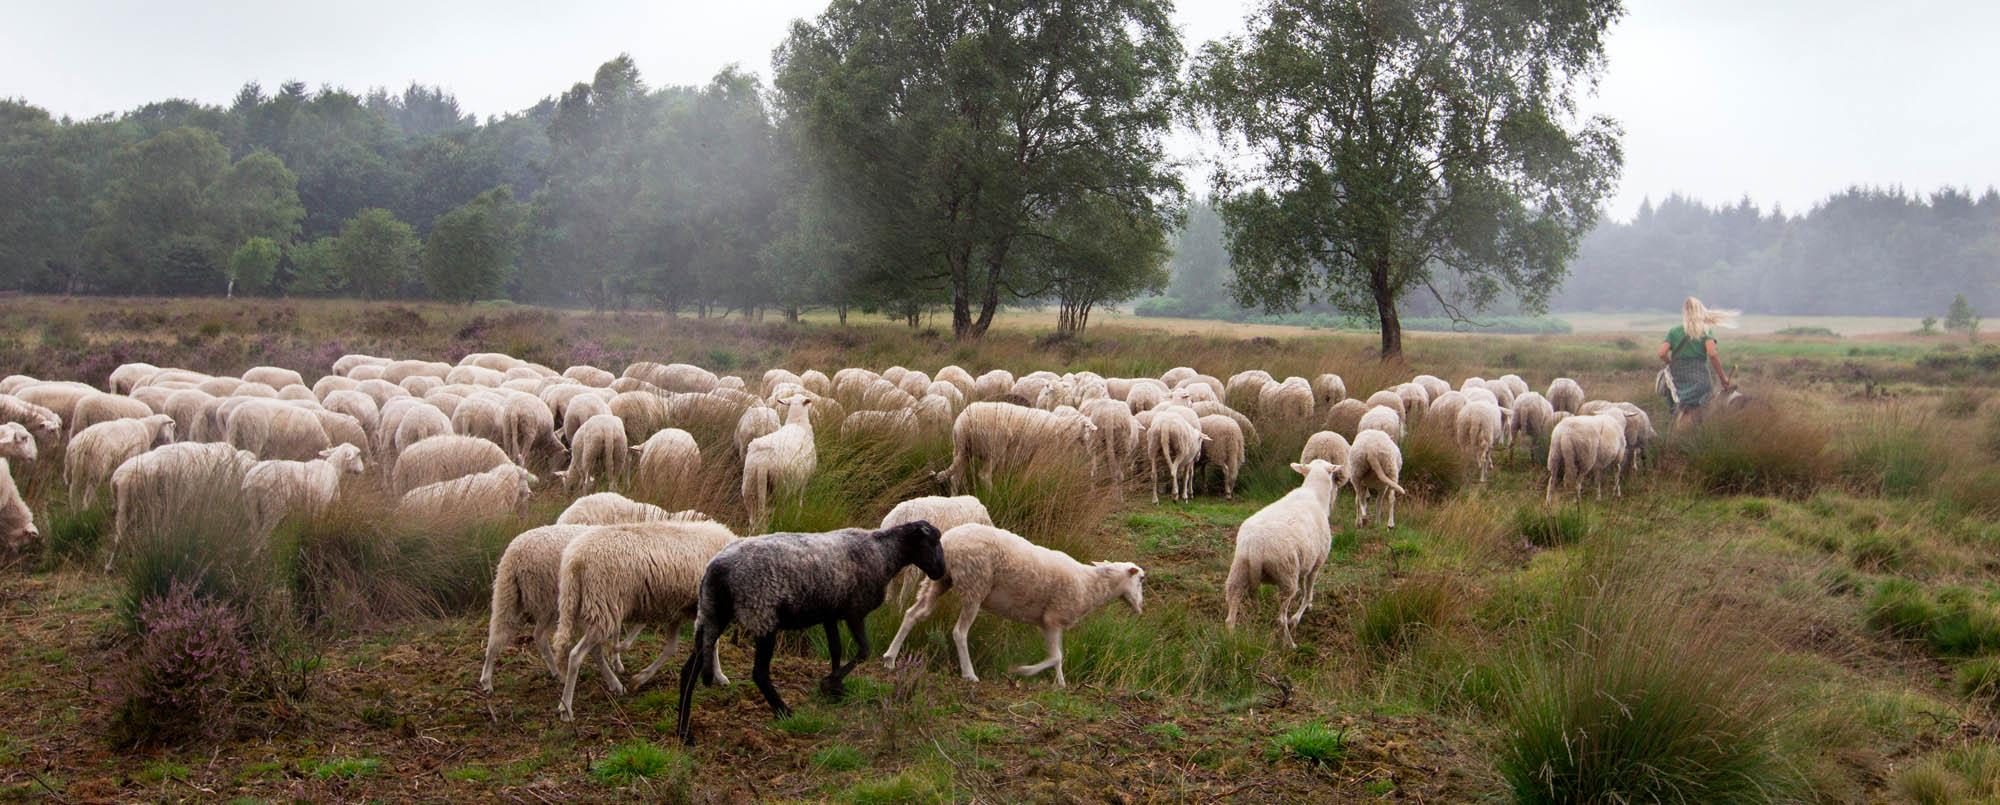 Met de schapen in het zomerveld.